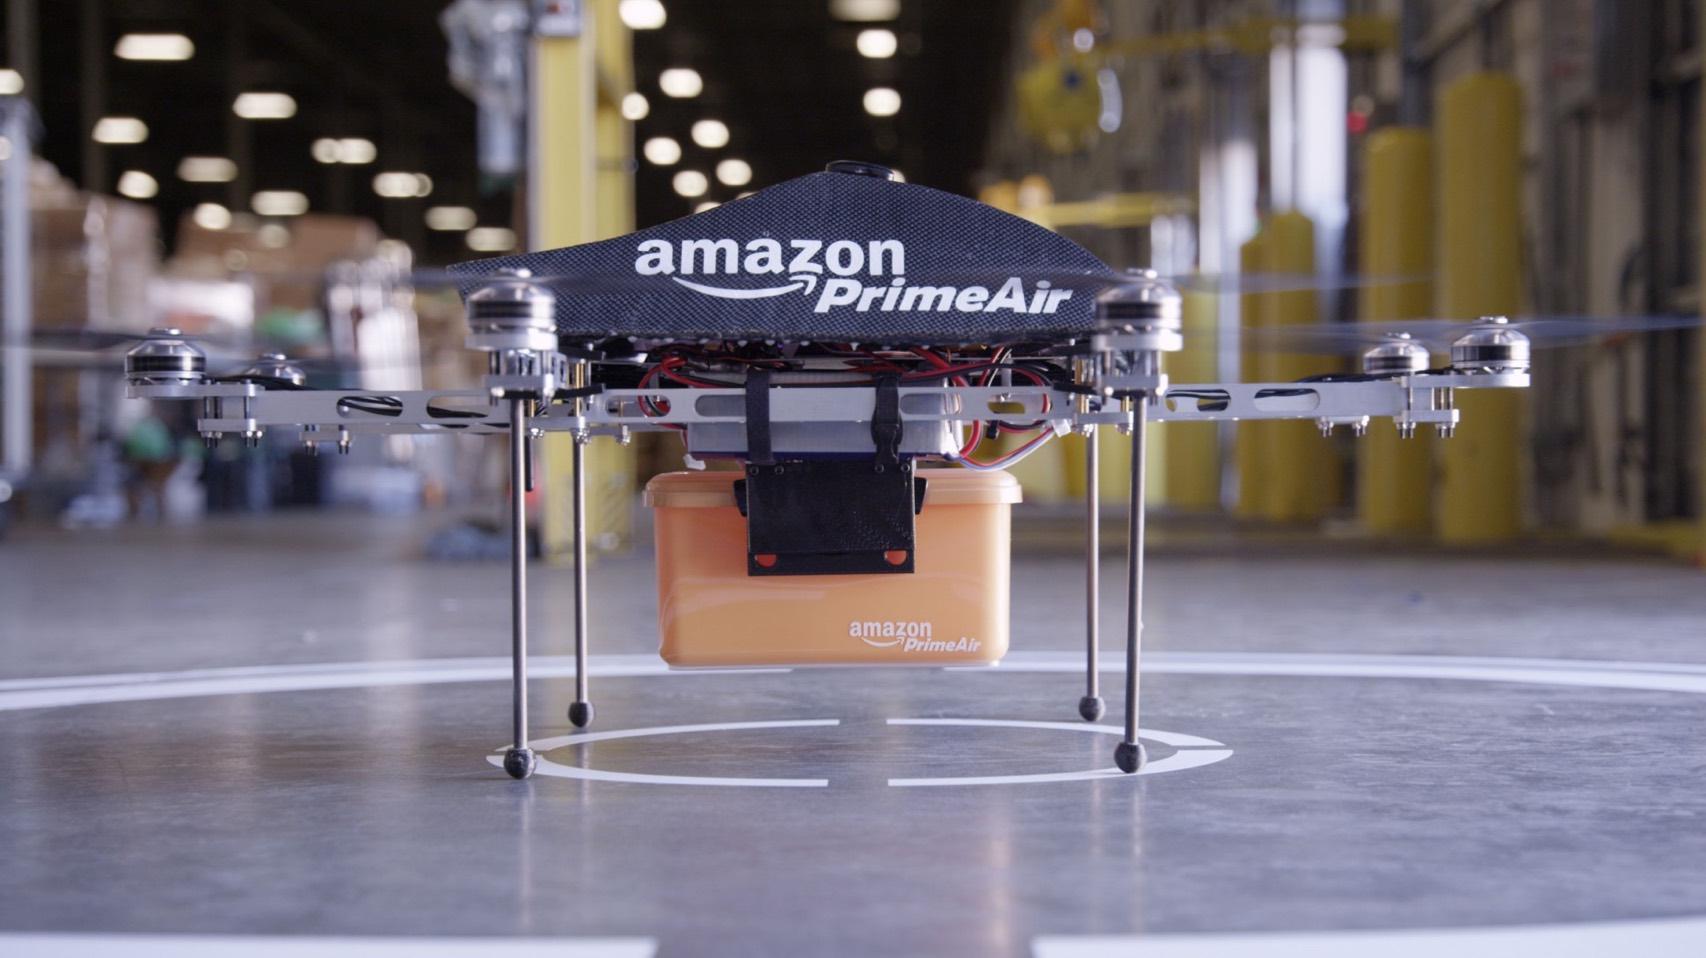 Amazondrone-E1426803105828-1940X1090